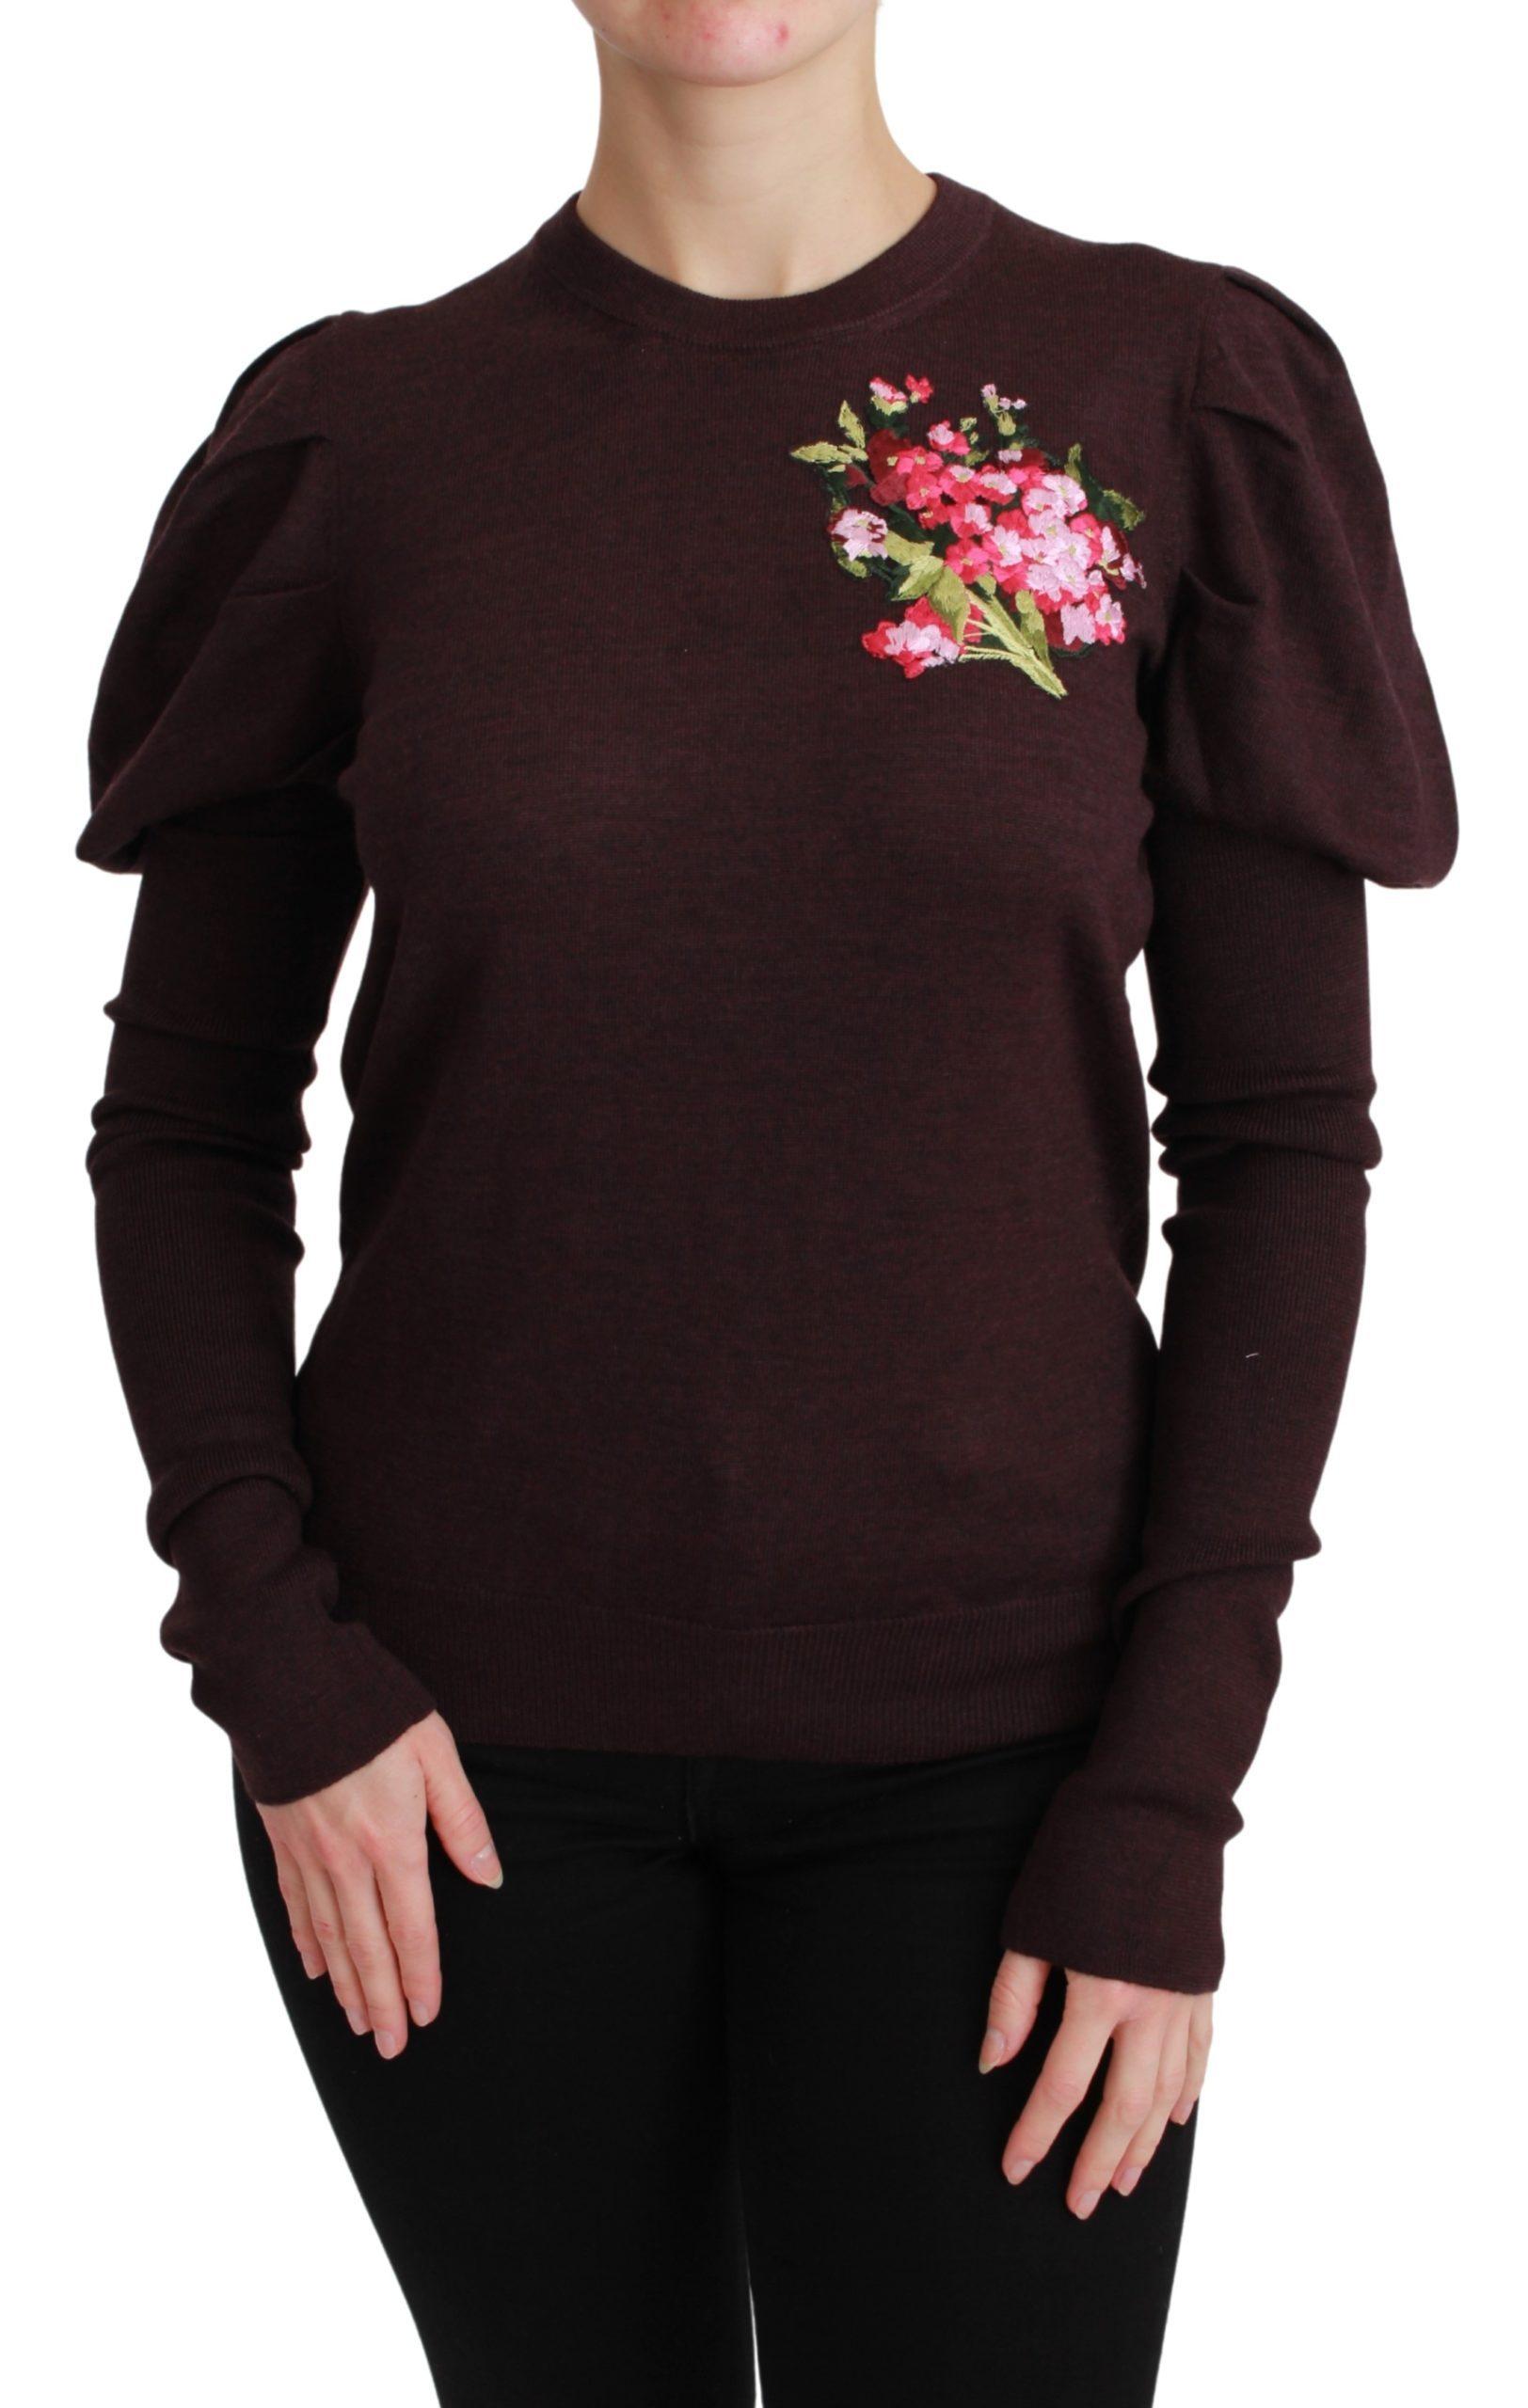 Dolce & Gabbana Women's Floral Wool Pullover Sweater Bordeaux TSH4593 - IT48 | XL